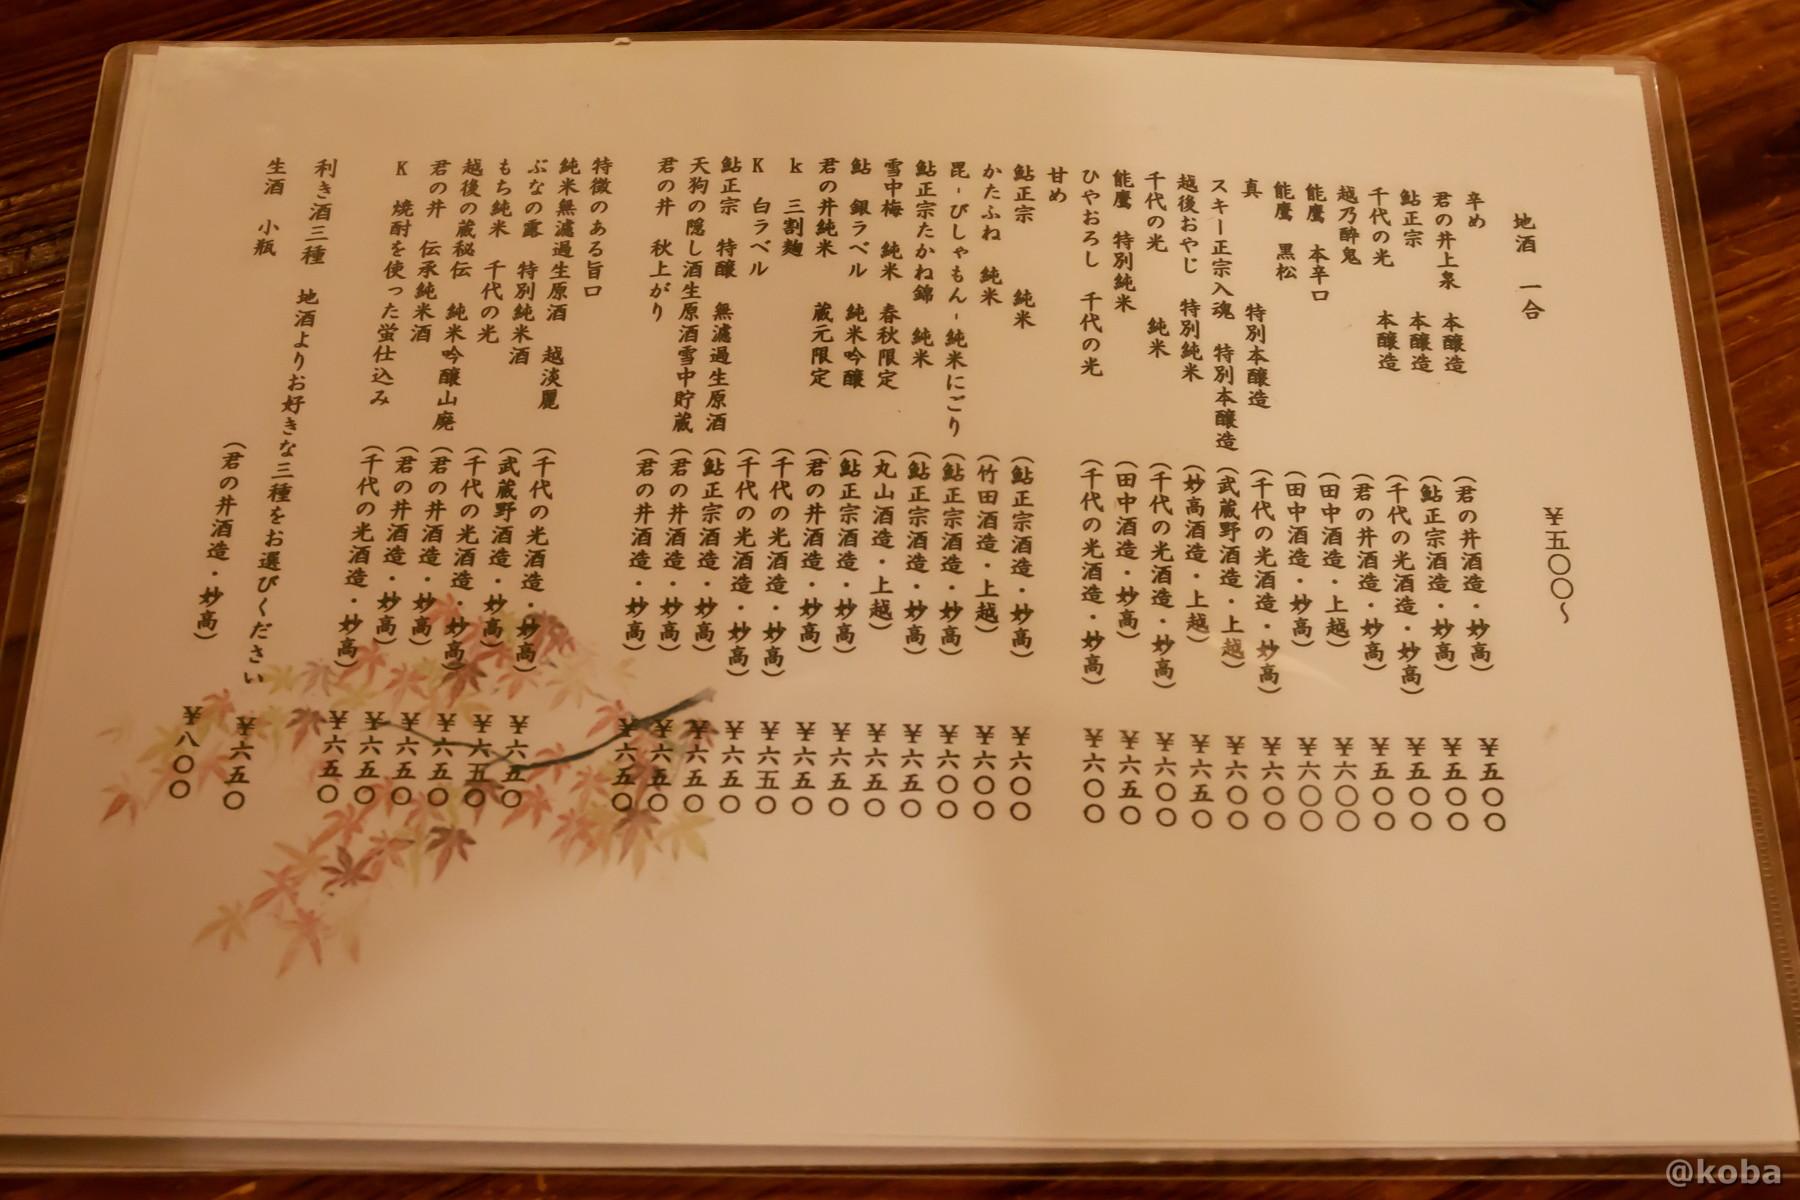 豊富な地酒!ドリンクメニューの写真 燕温泉 樺太館(つばめおんせん からふとかん)新潟県 妙高市